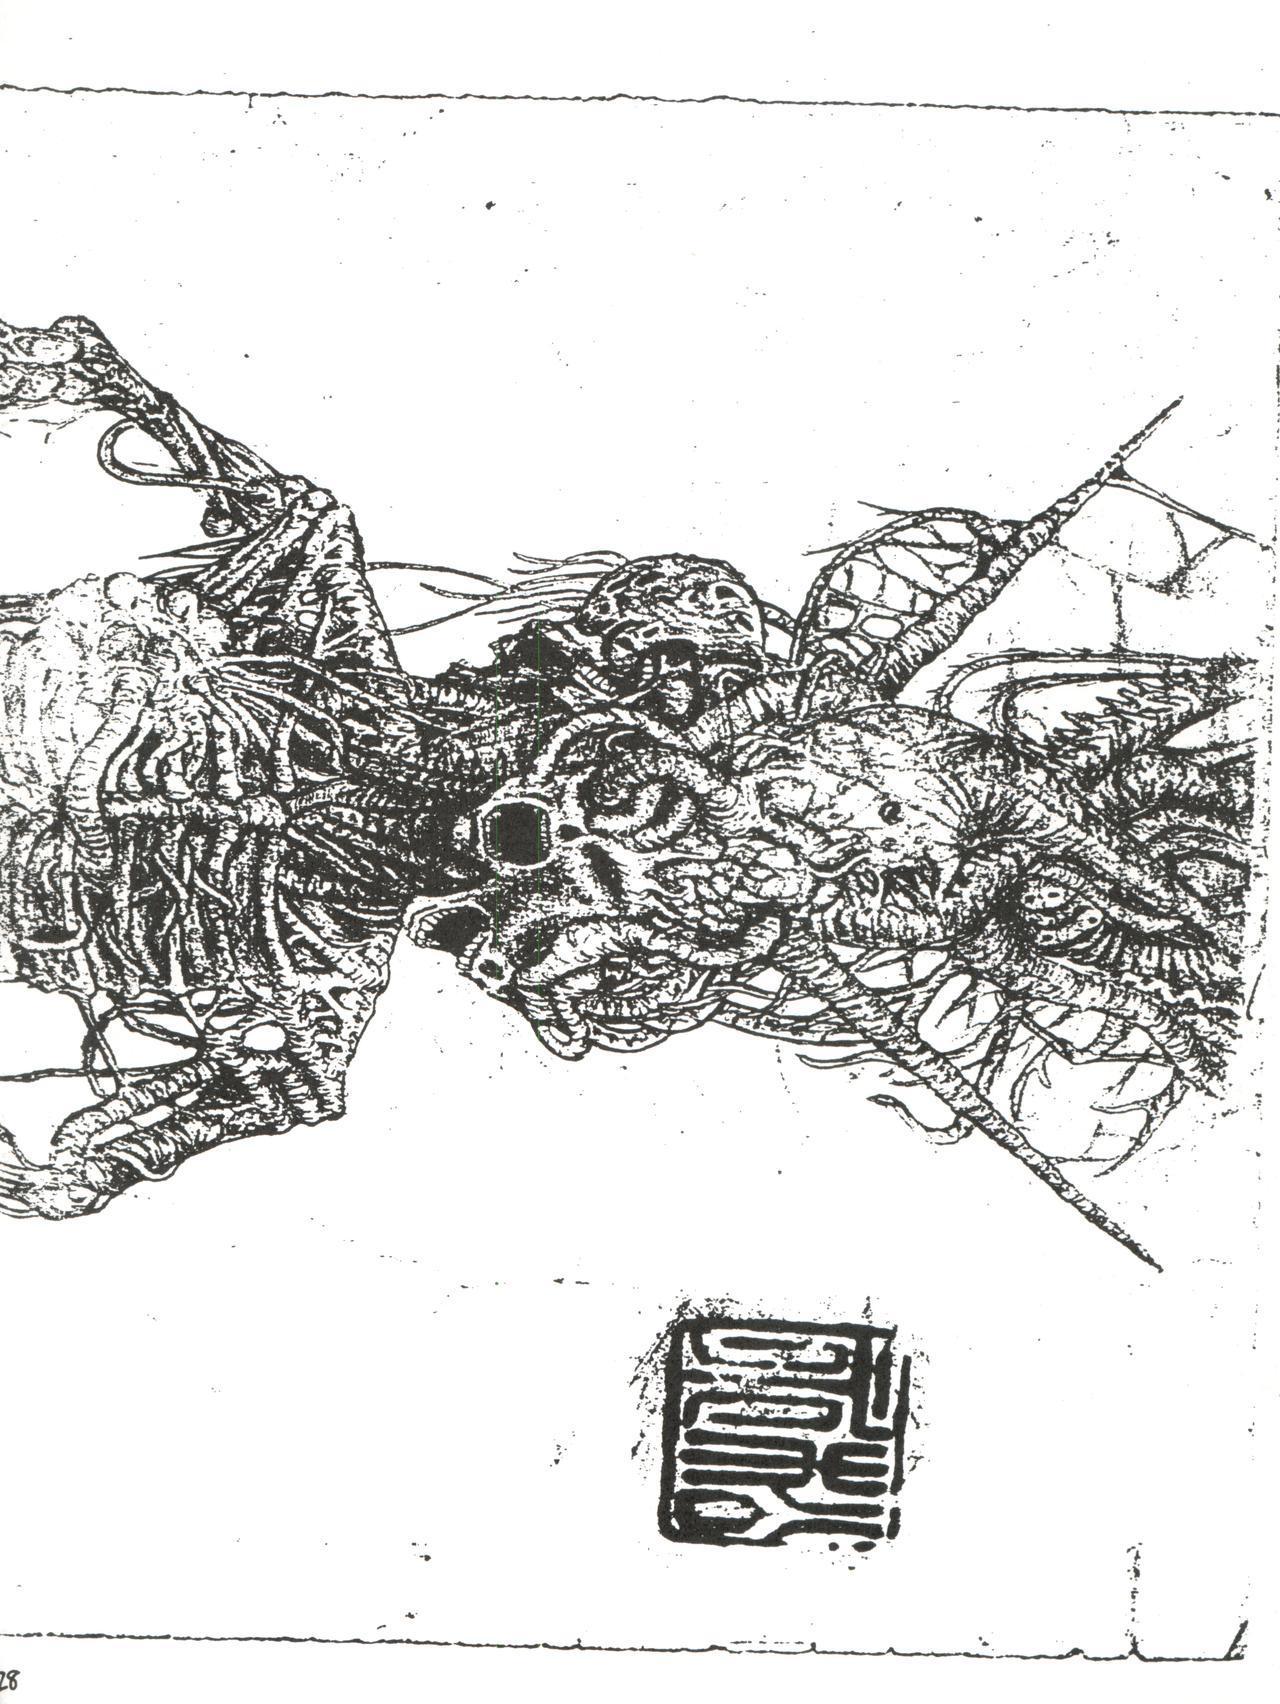 Otomodachi 27